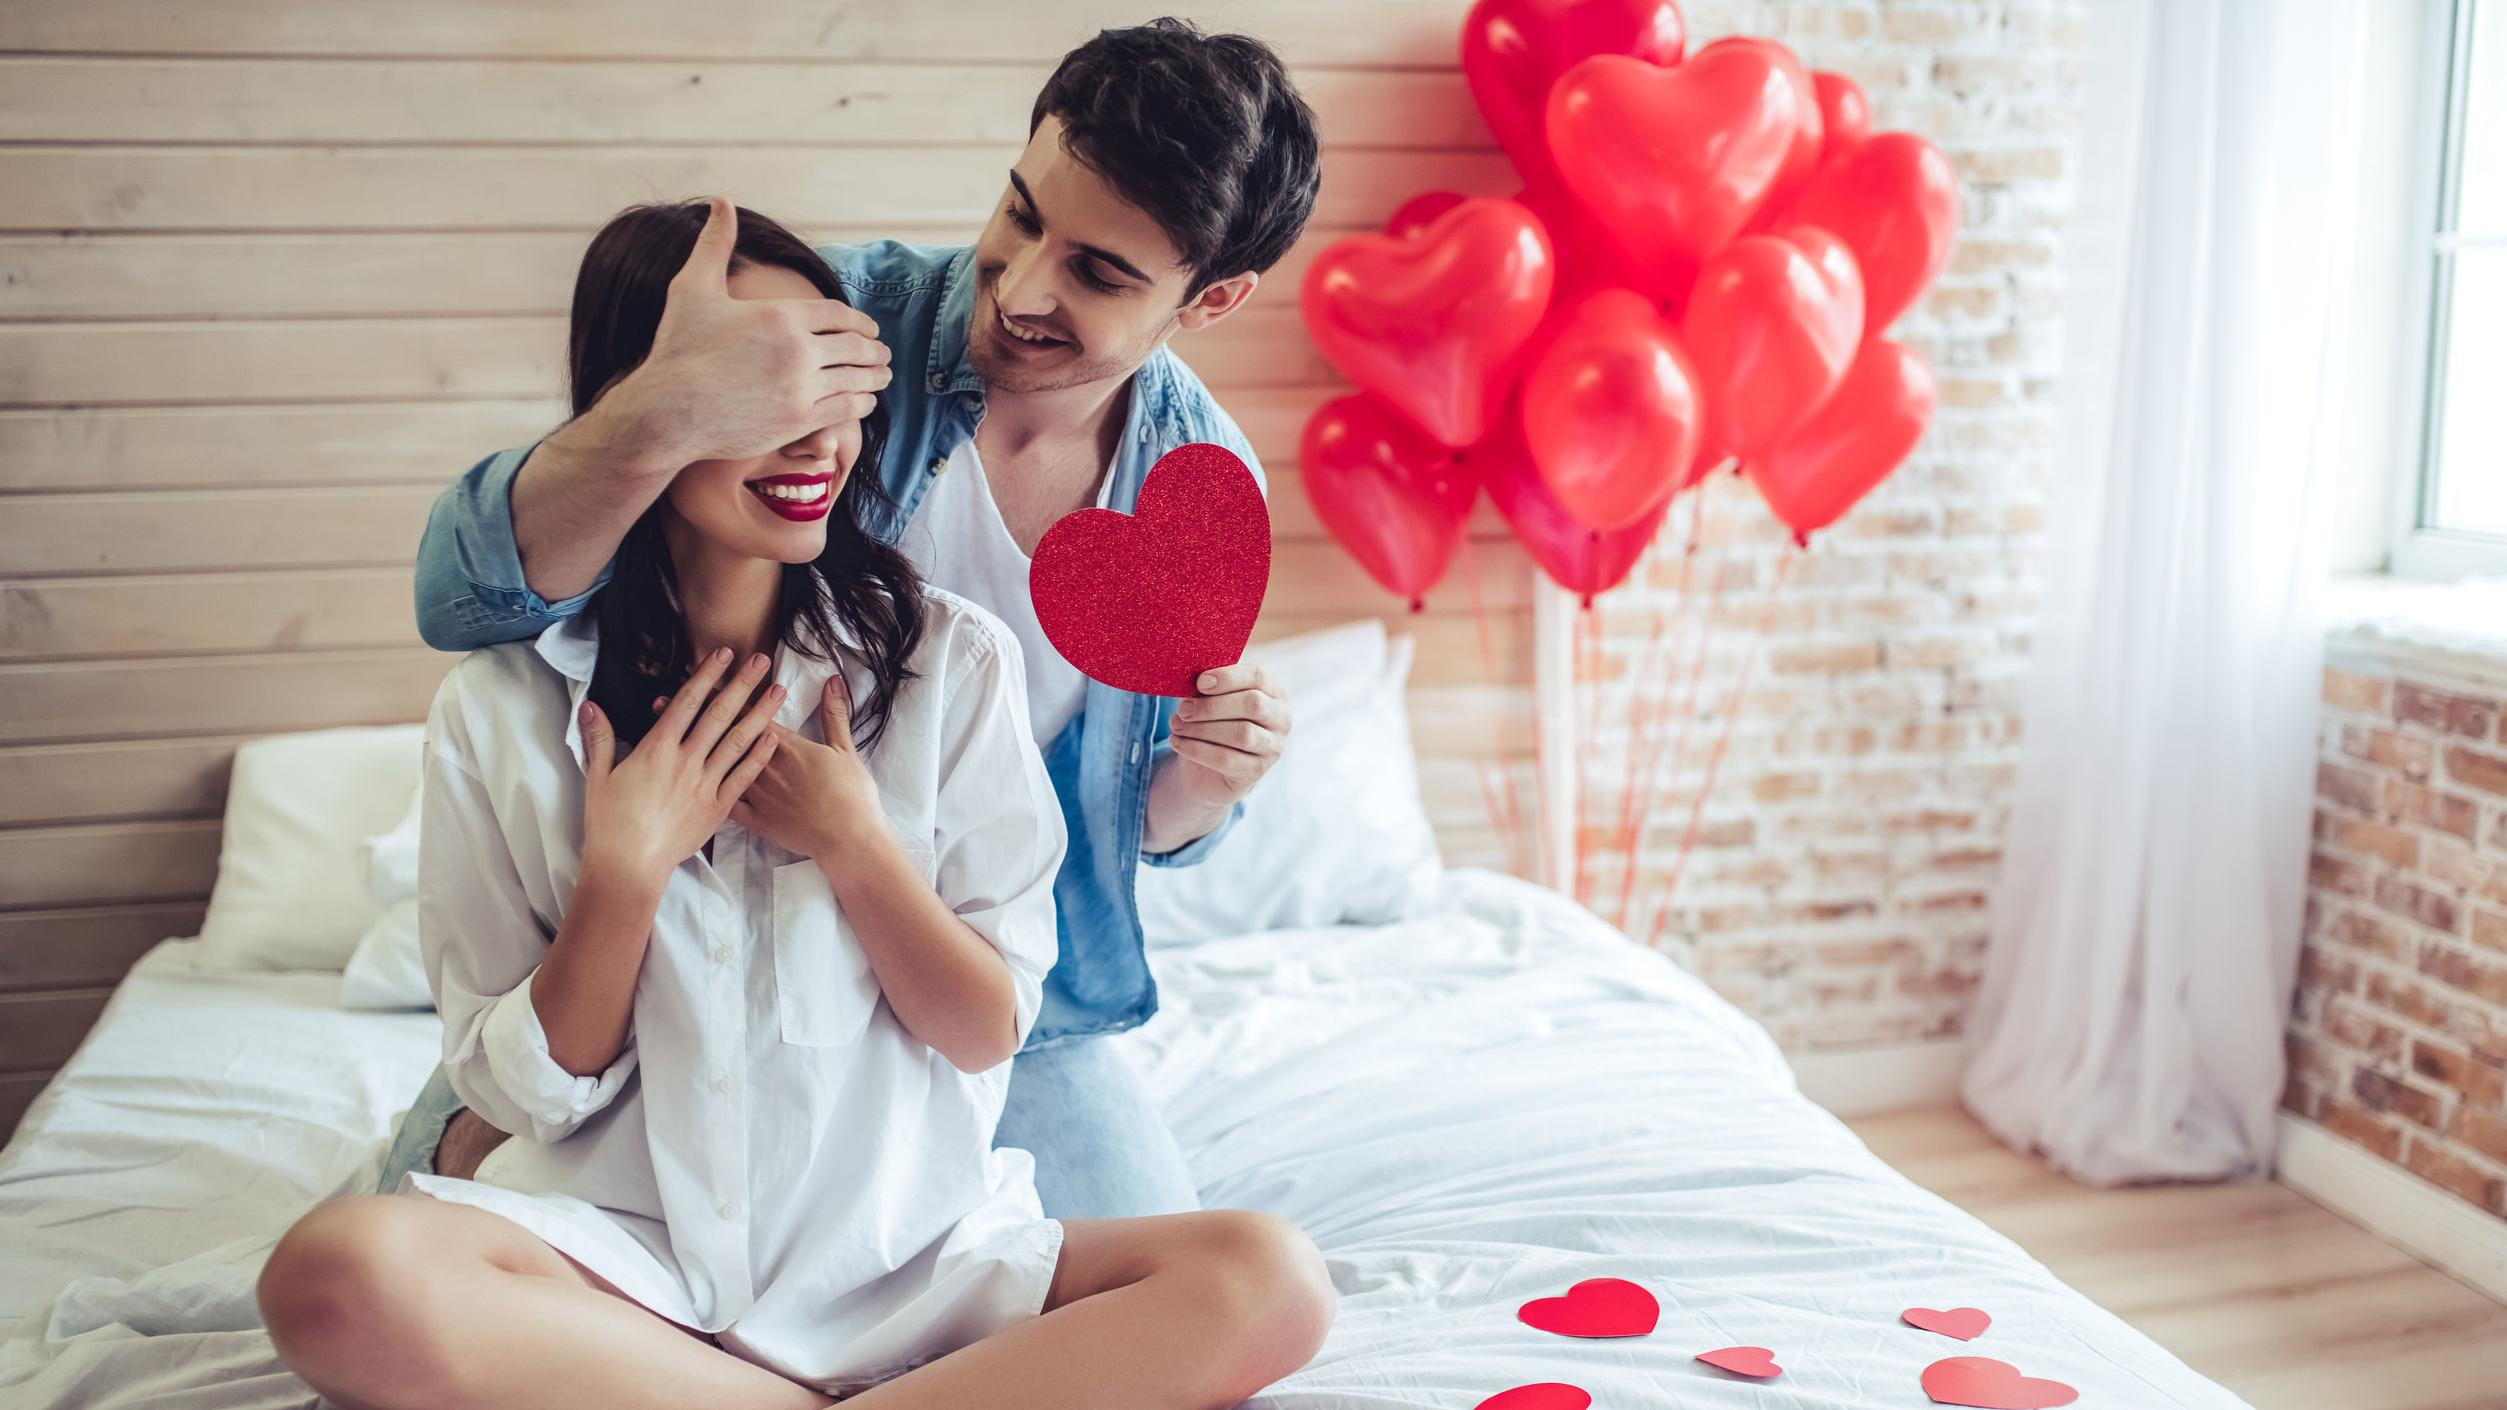 śmieszne Wierszyki Walentynkowe śmieszne Wierszyki I